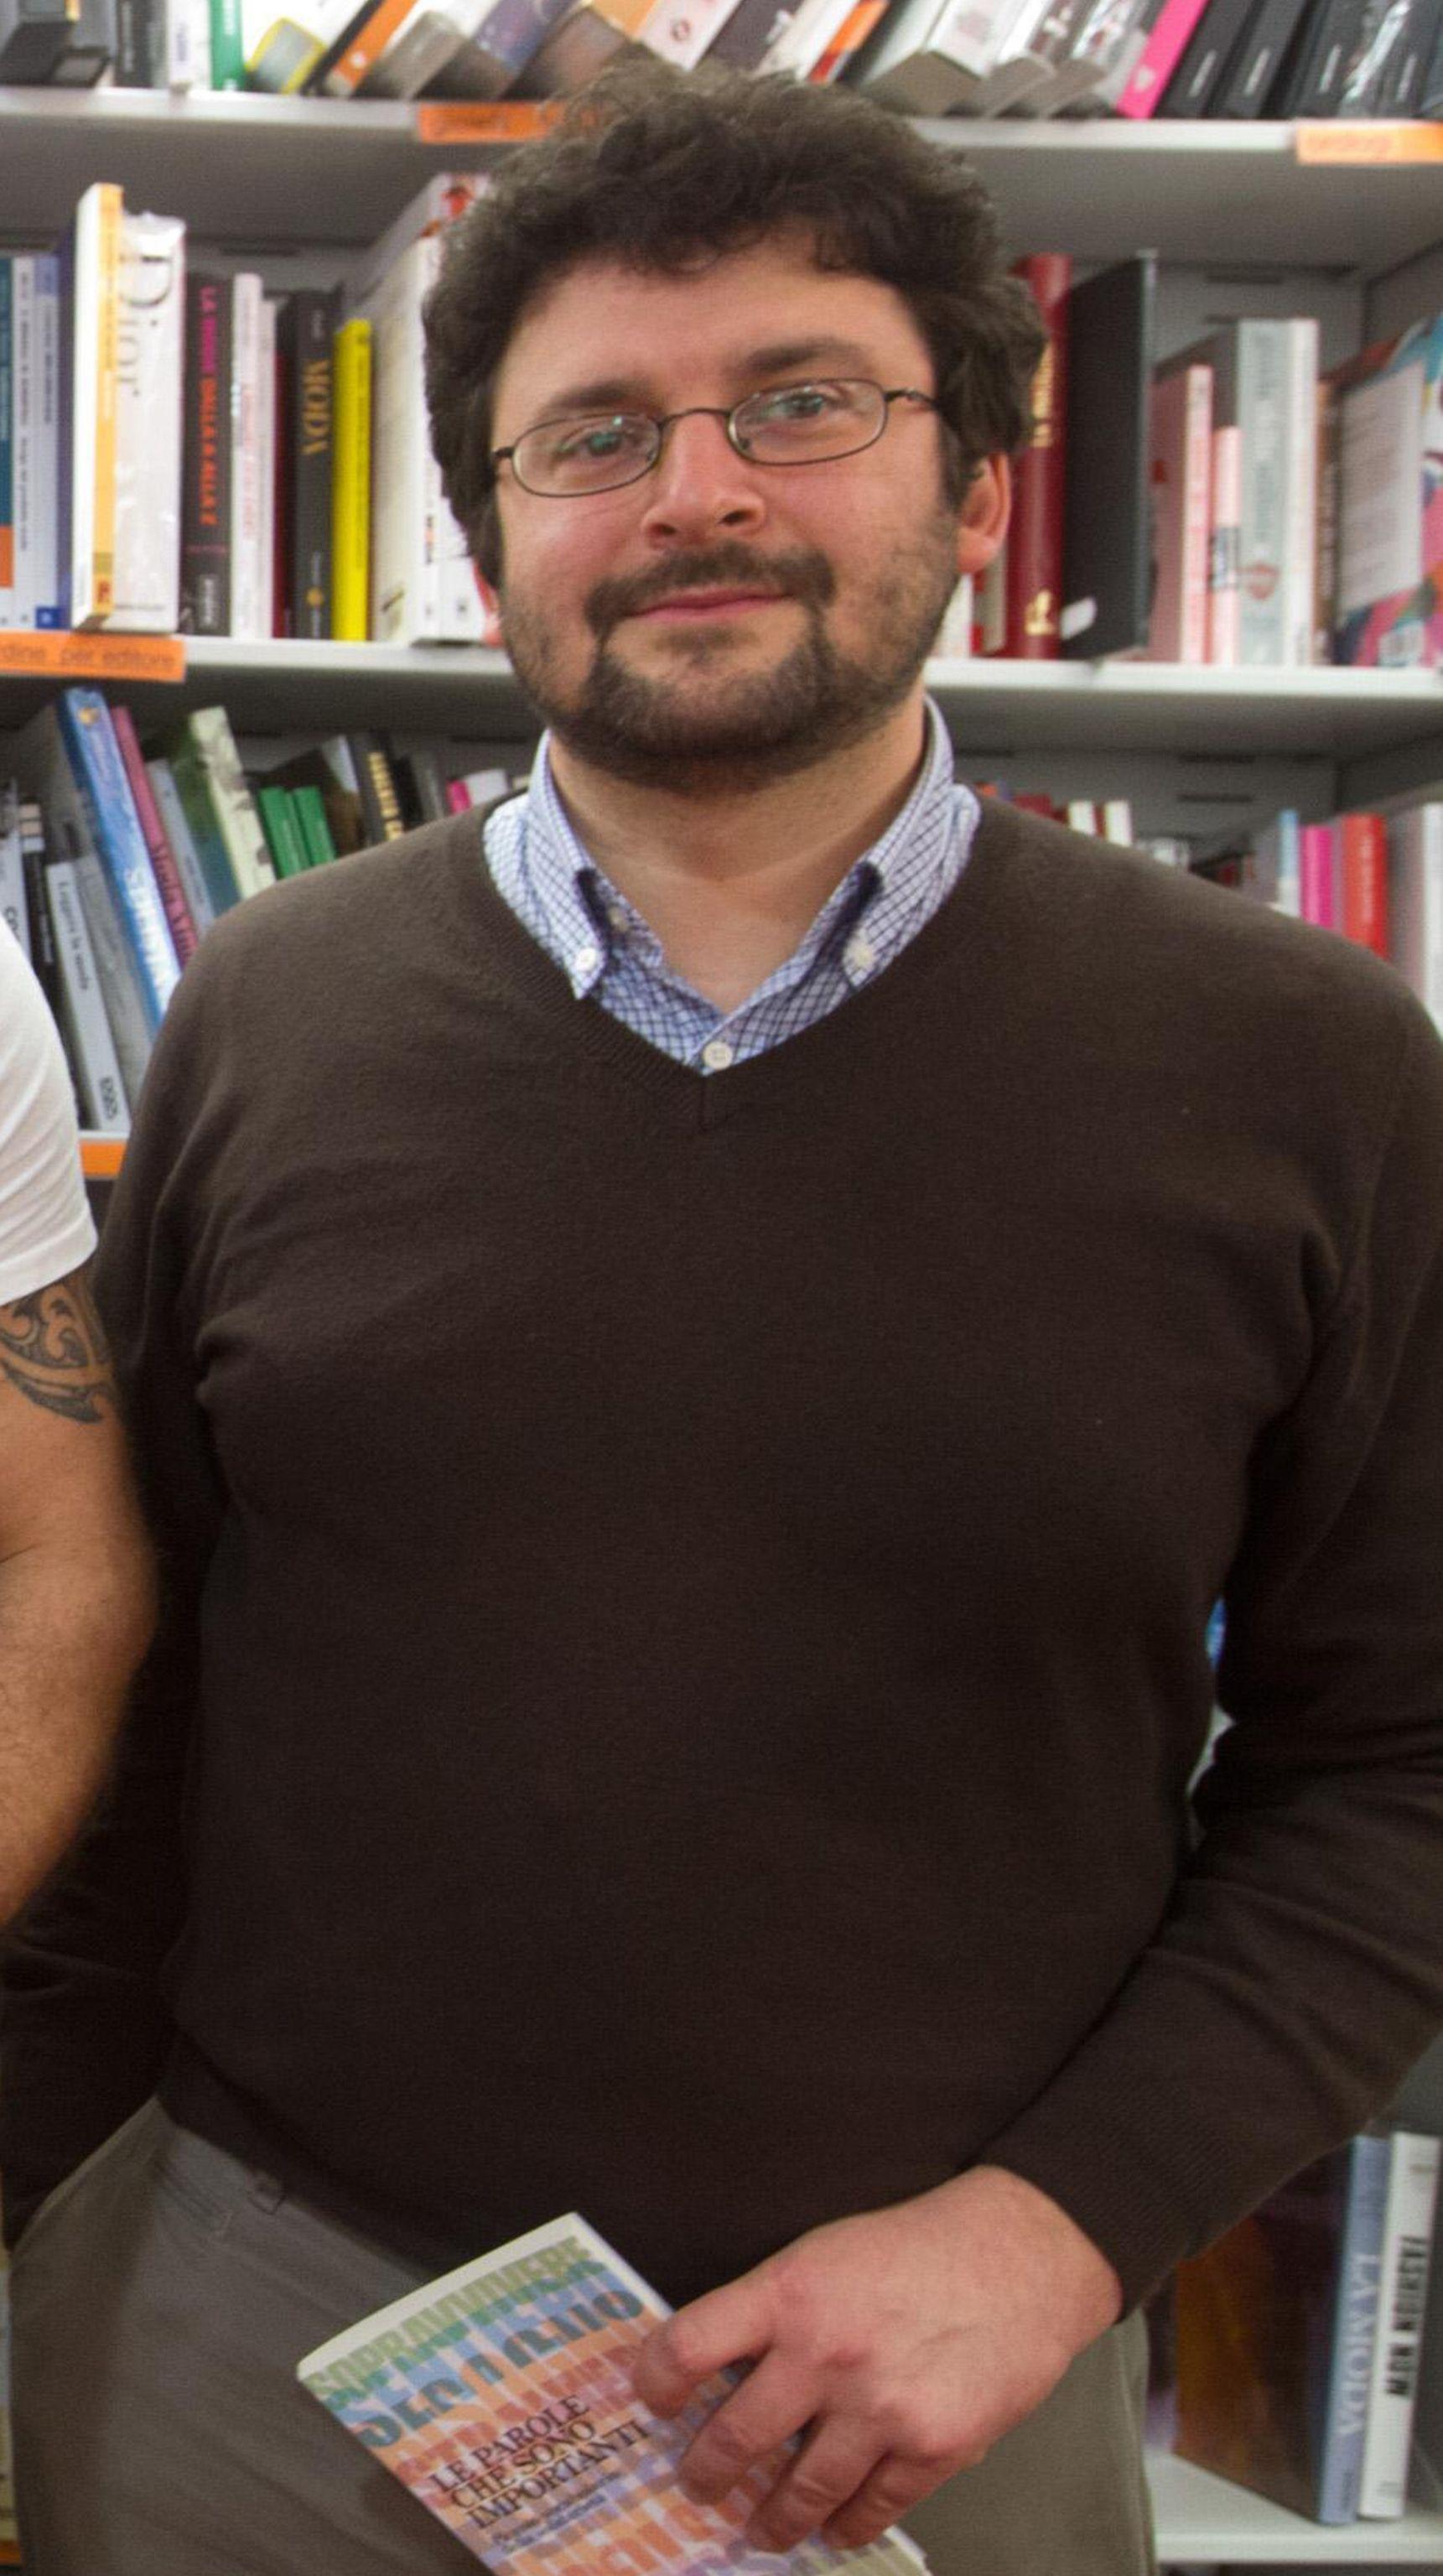 Morto Alessandro Leogrande: lo scrittore e giornalista stroncato da un malore a 40 anni